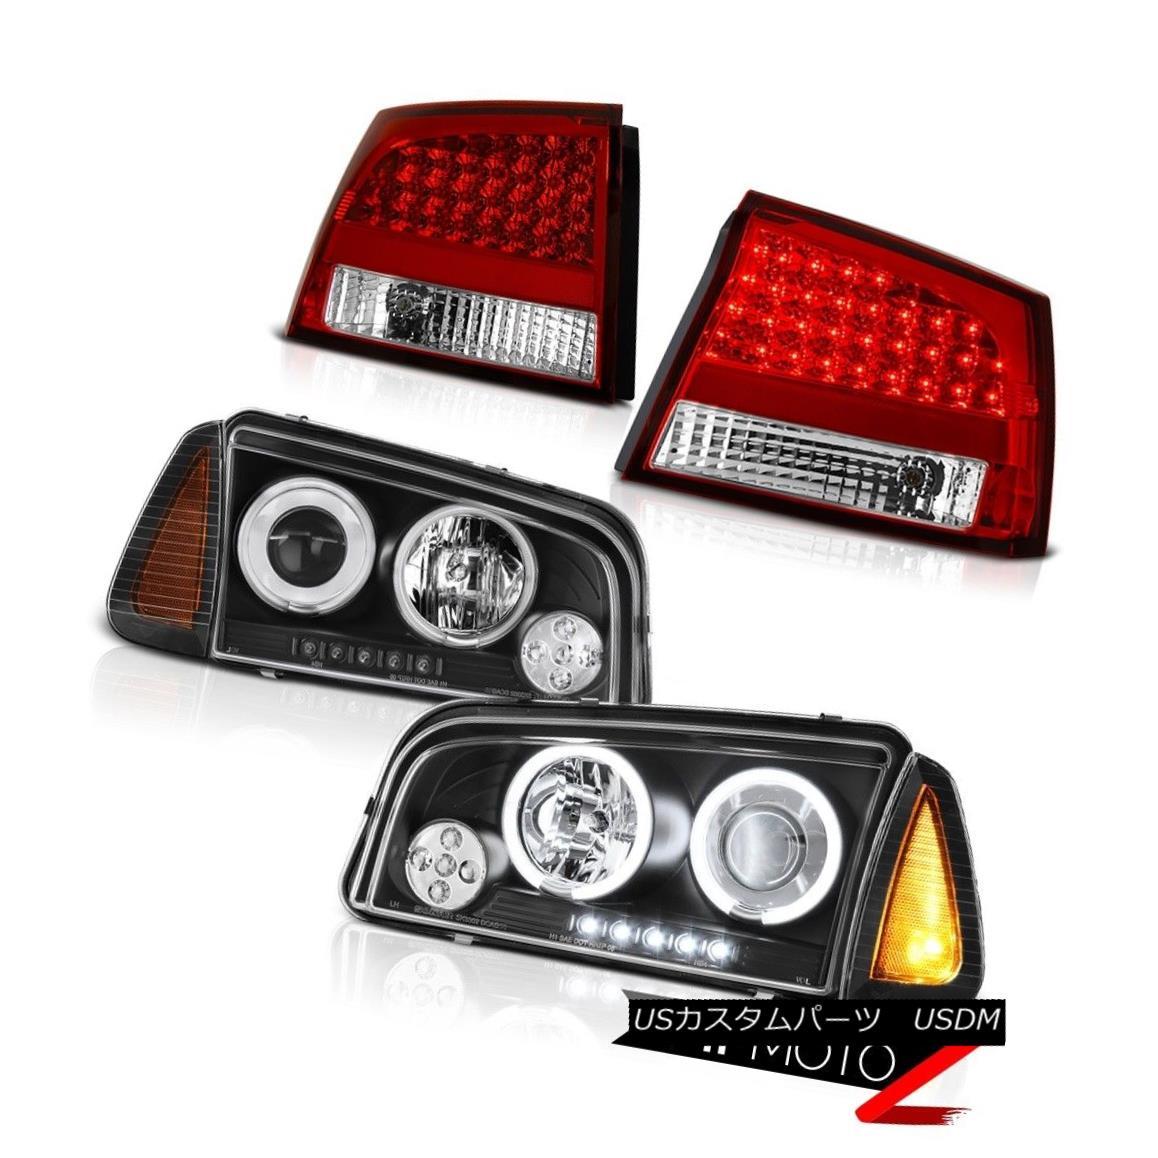 テールライト 09-10 Dodge Charger DUB Red clear taillamps parking lamp projector headlights 09-10ダッジチャージャーDUBレッドクリアテールランプパーキングランププロジェクターヘッドライト